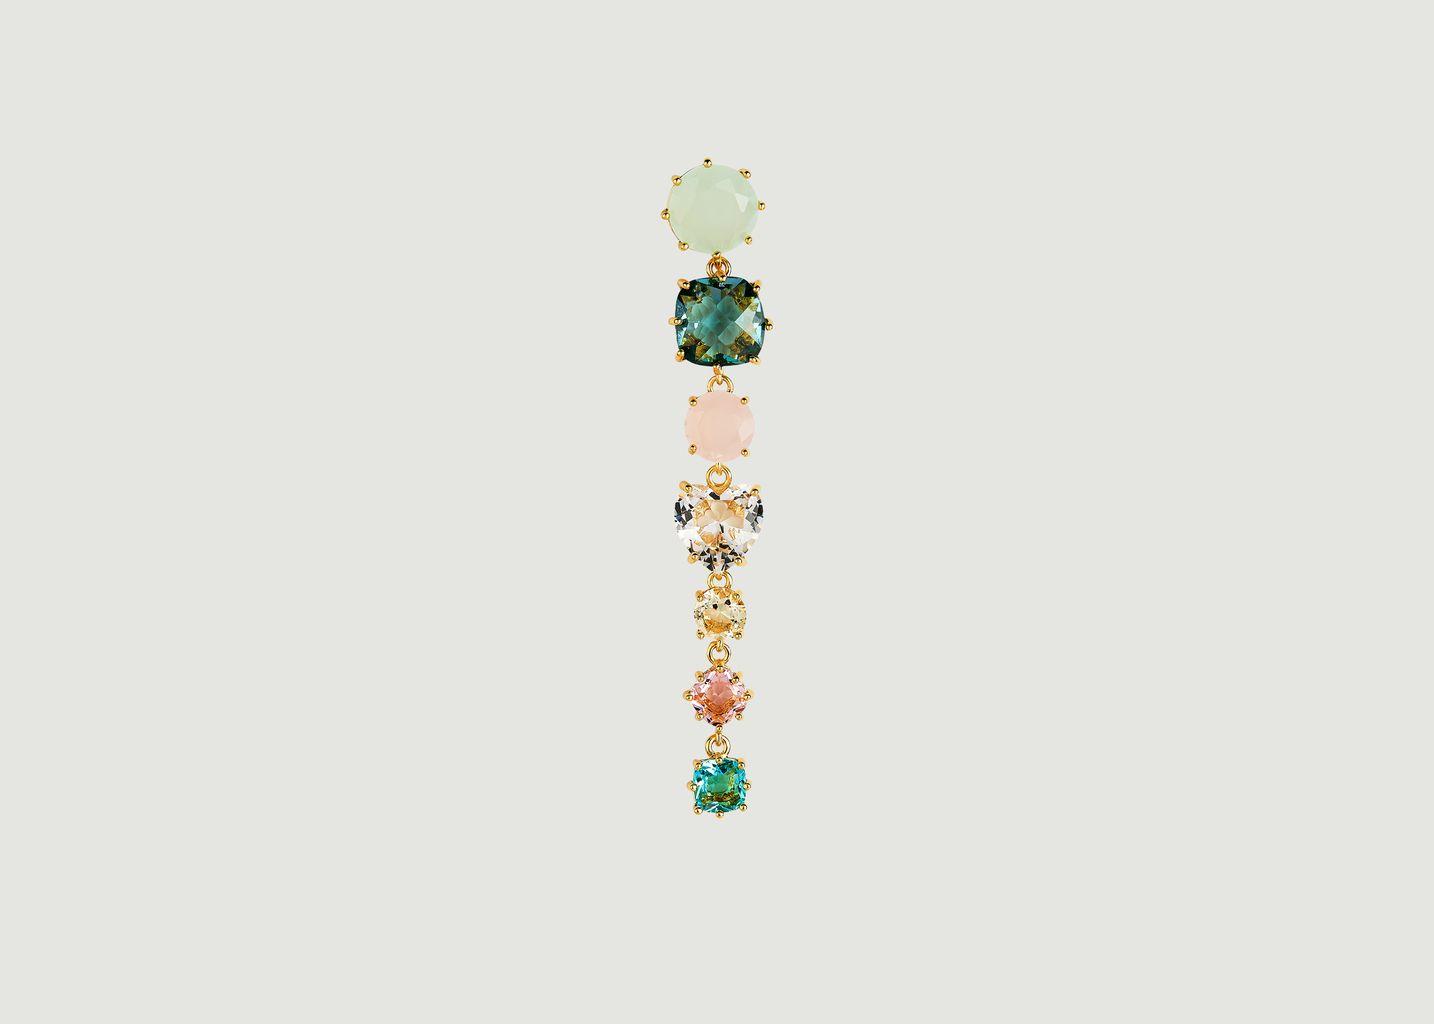 Boucles d'oreilles La Diamantine tiges 7 pierres - Les Néréides